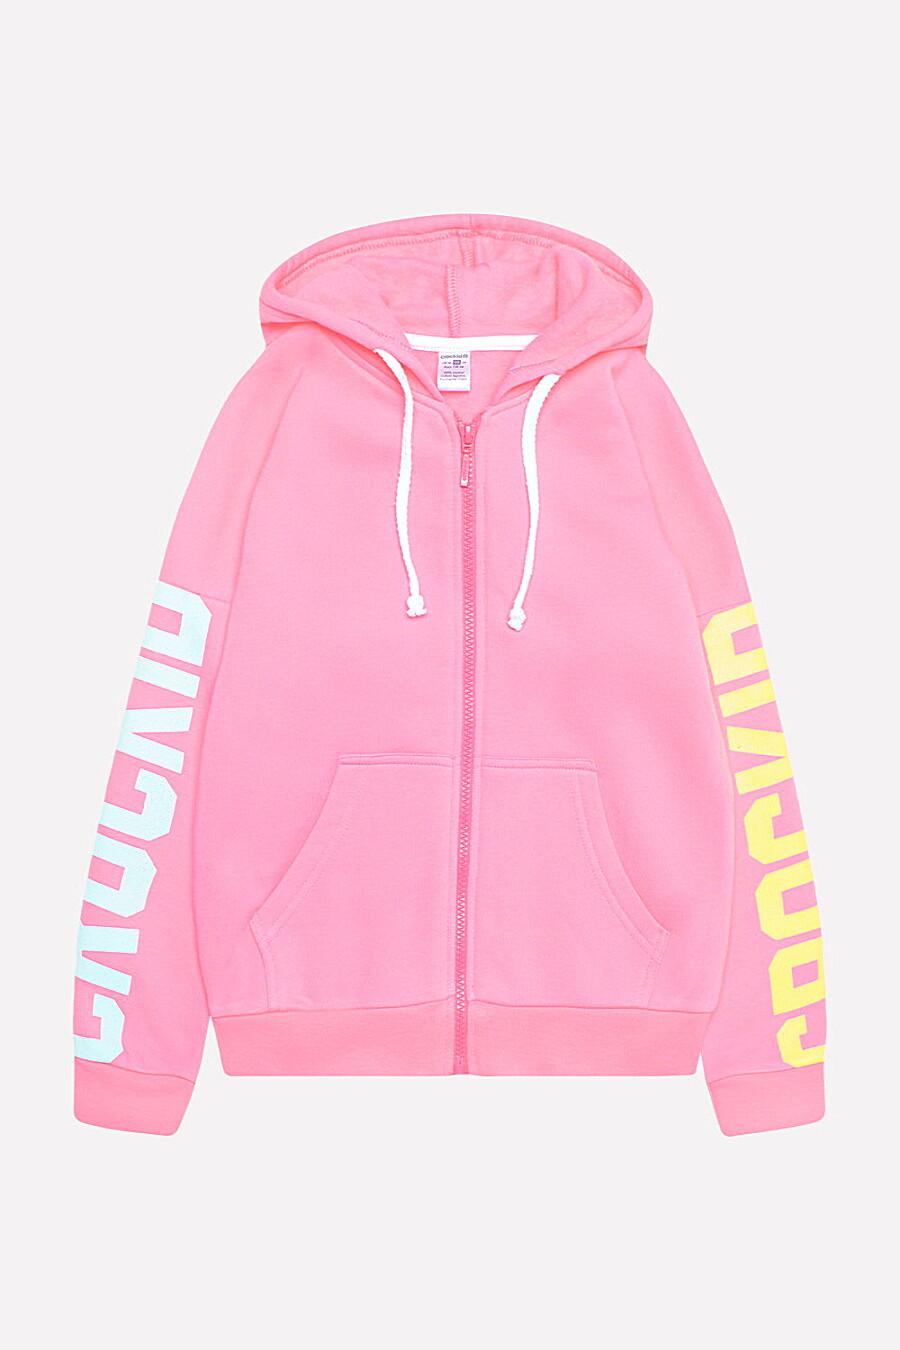 Толстовка для девочек CROCKID 130717 купить оптом от производителя. Совместная покупка детской одежды в OptMoyo